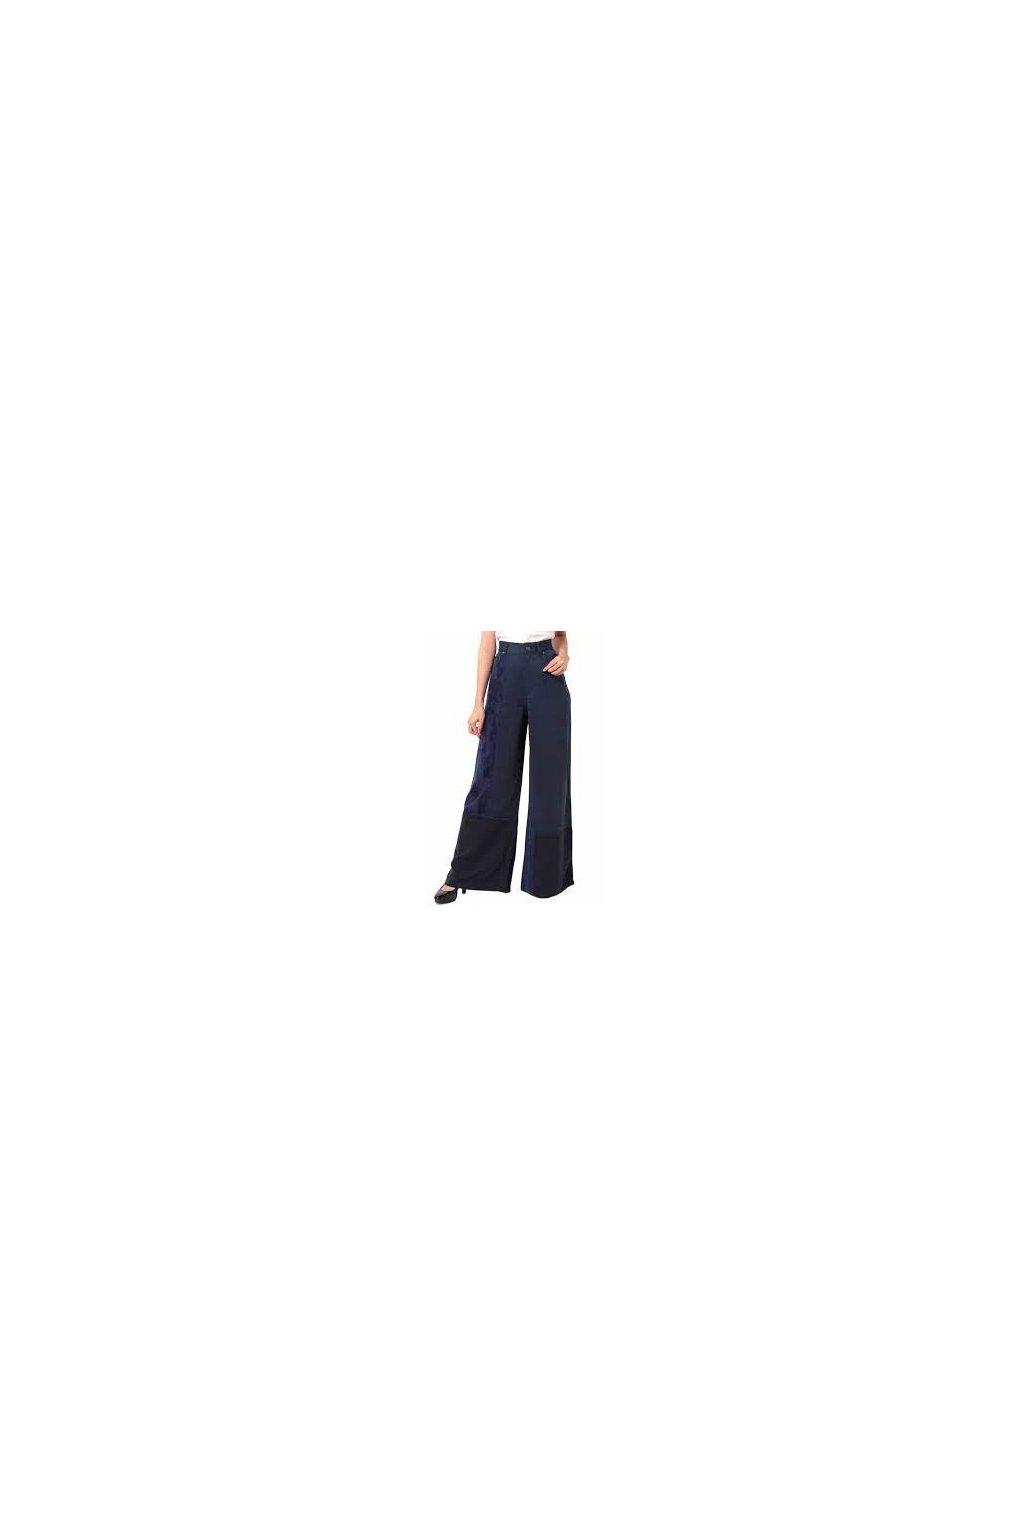 Dámské kalhoty Desigual 17WWPW01/5000